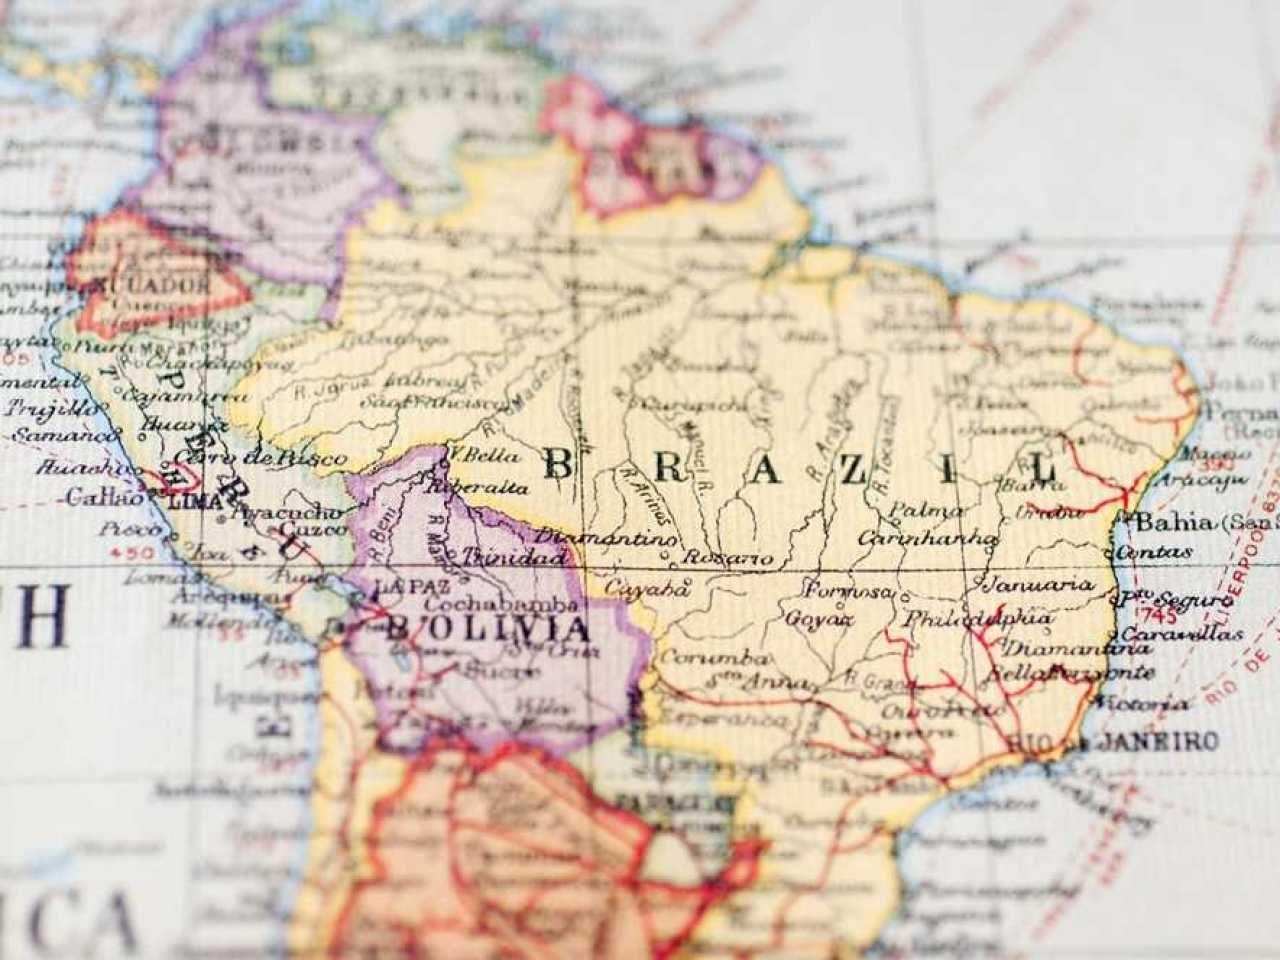 Polarização latina representa o fim da integração? 1